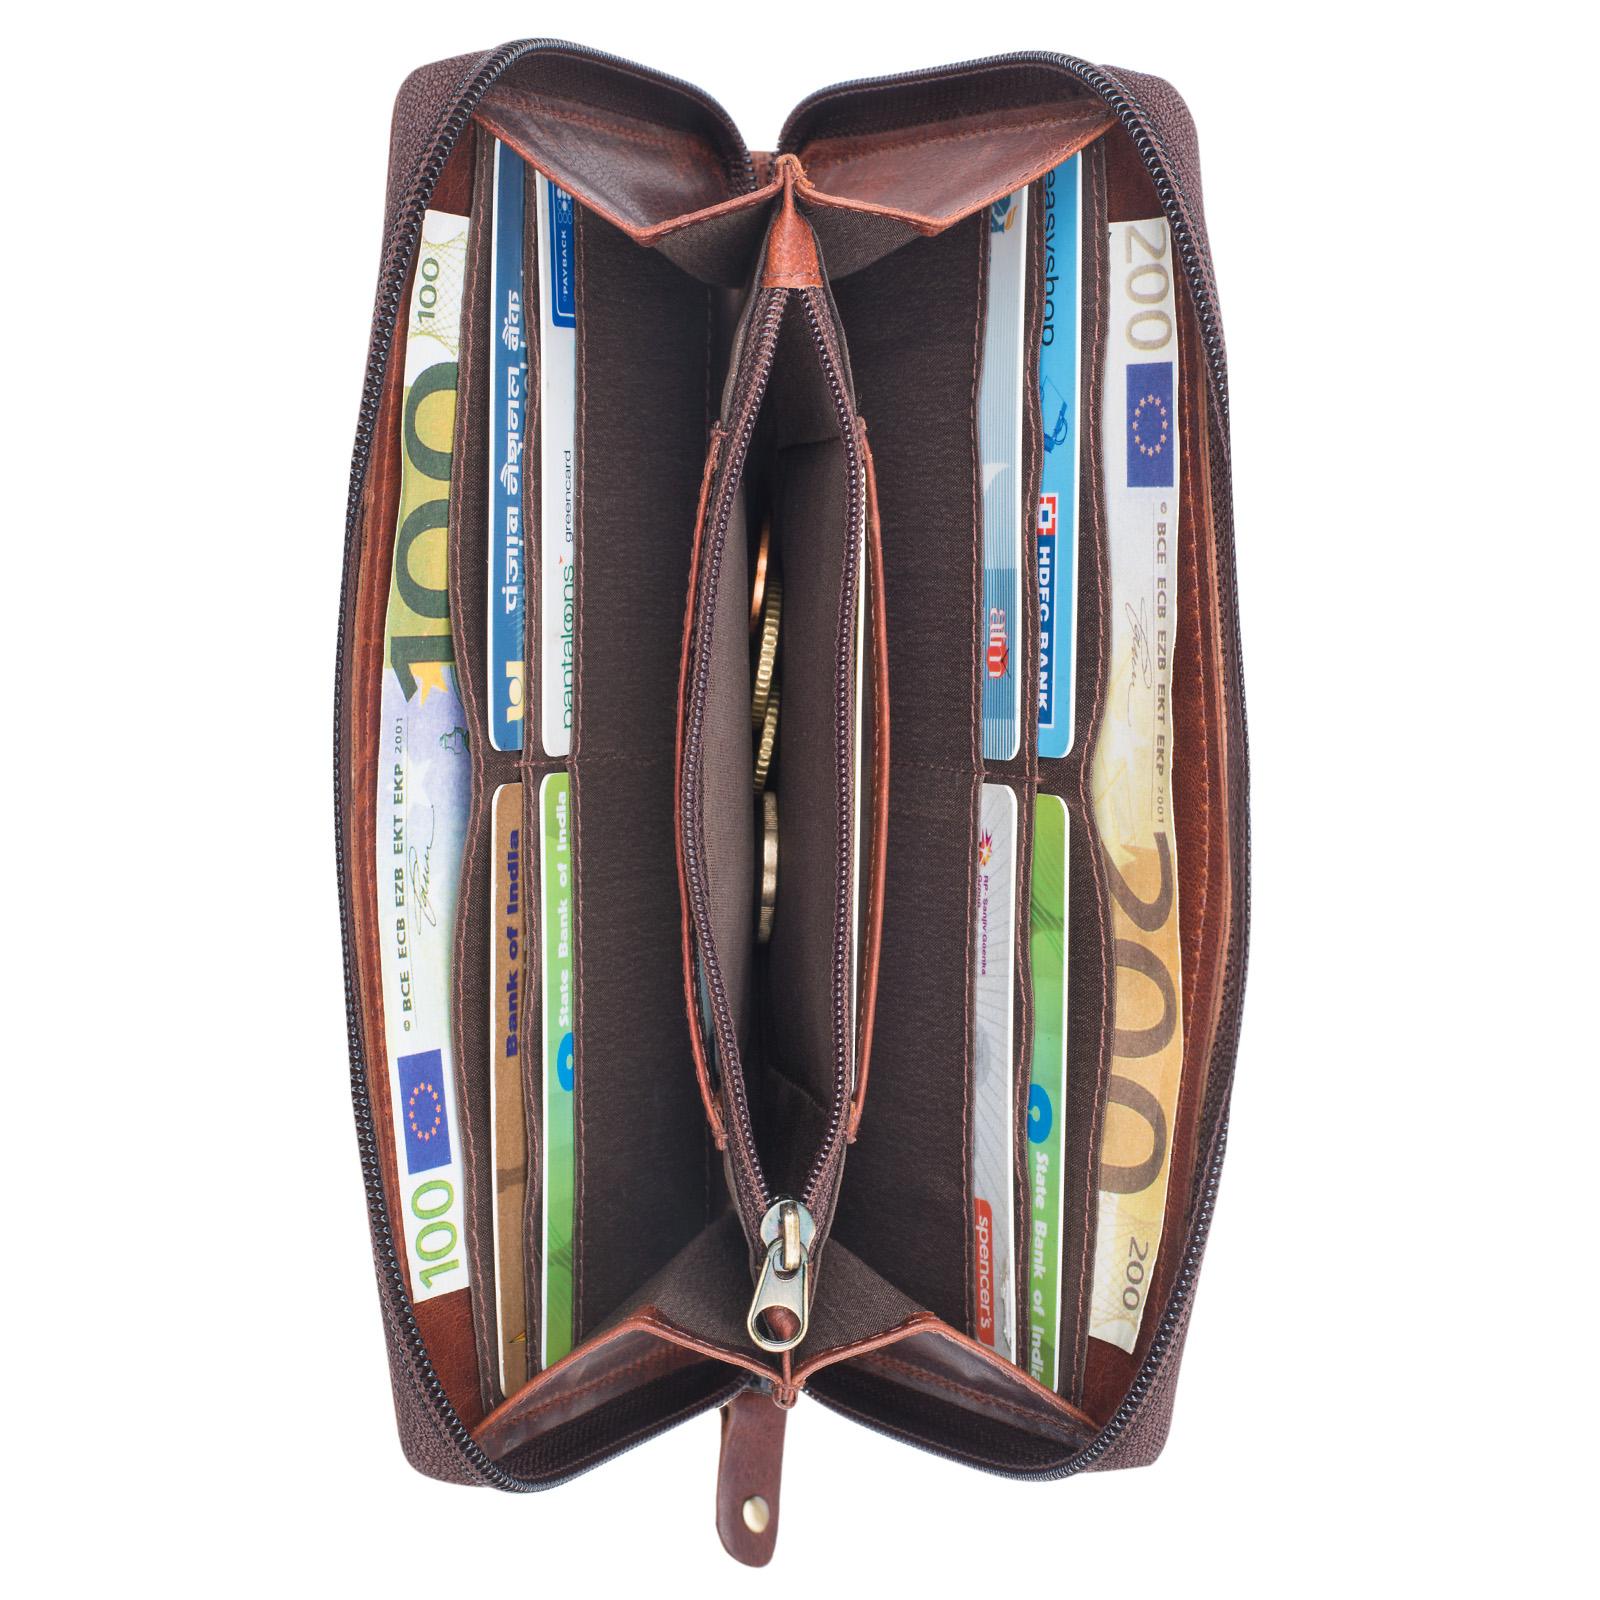 """STILORD """"Saskia"""" Portemonnaie Damen Leder groß viele Fächer Vintage Brieftasche im Querformat Geldbörse mit Reißverschluss für EC-Karten Kleingeld Ausweis - Bild 17"""